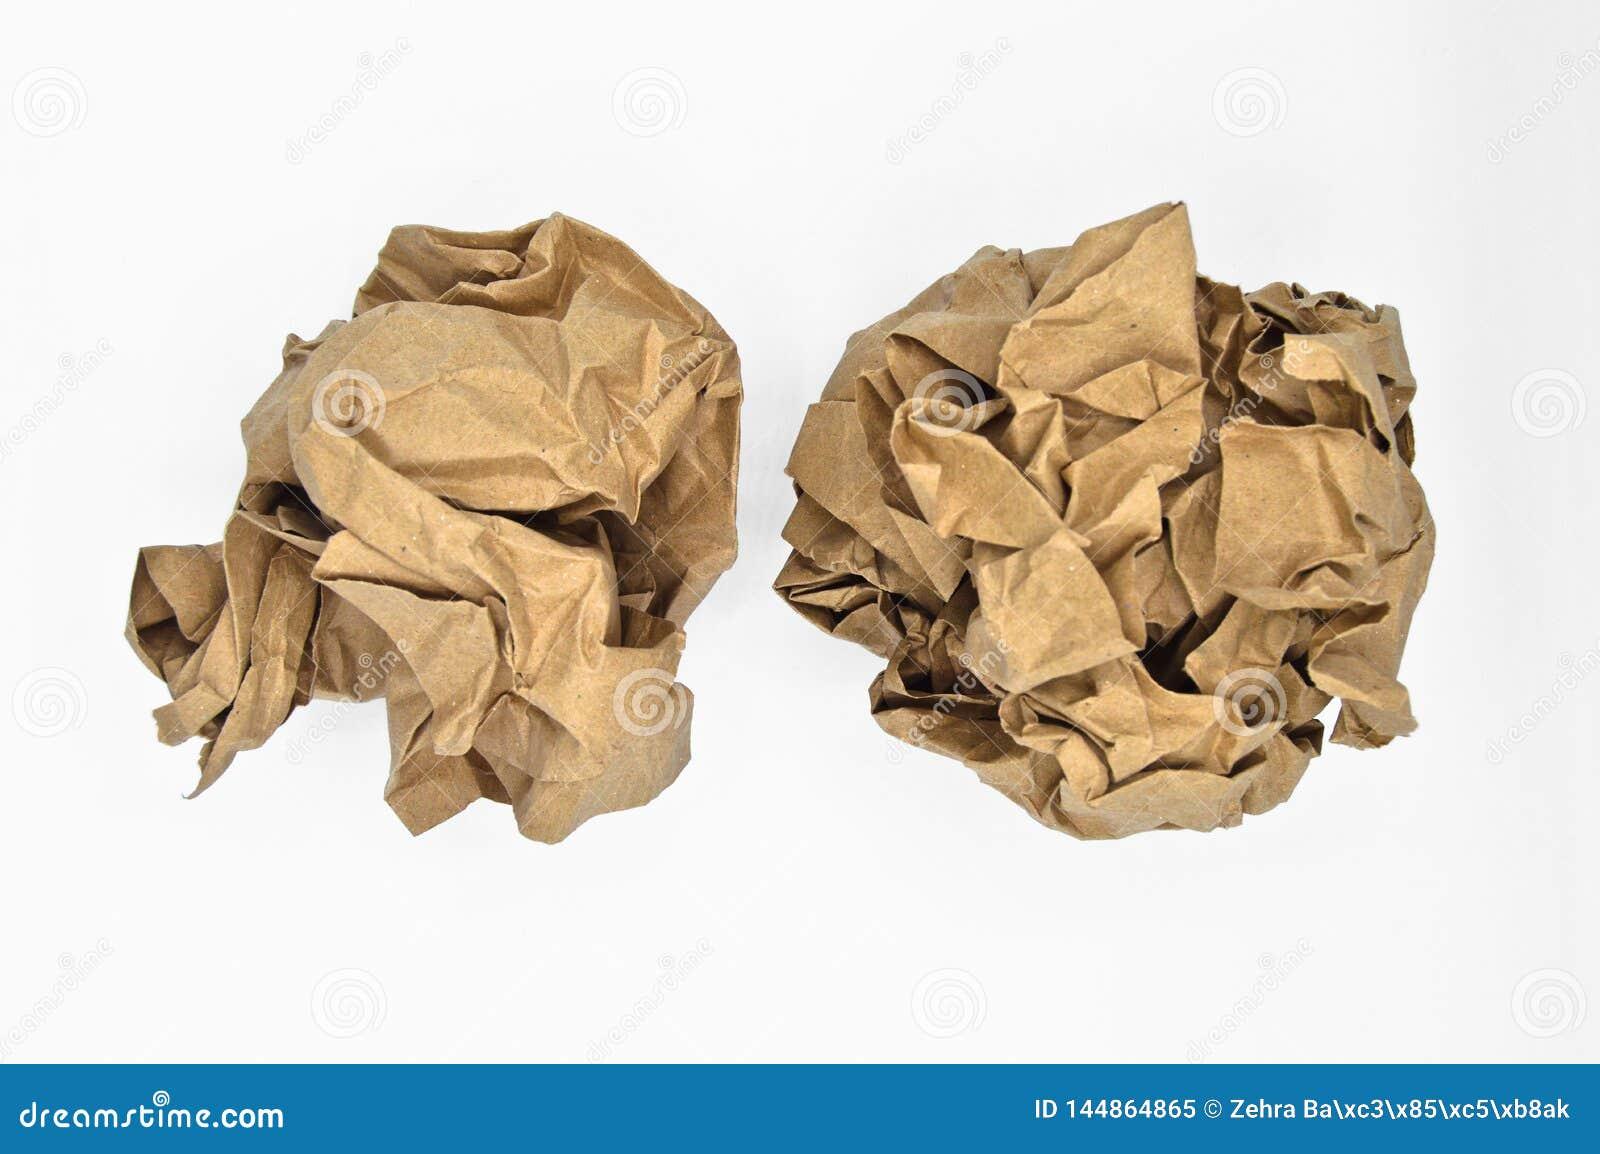 Браун и бежевый скомканный бумажный шарик